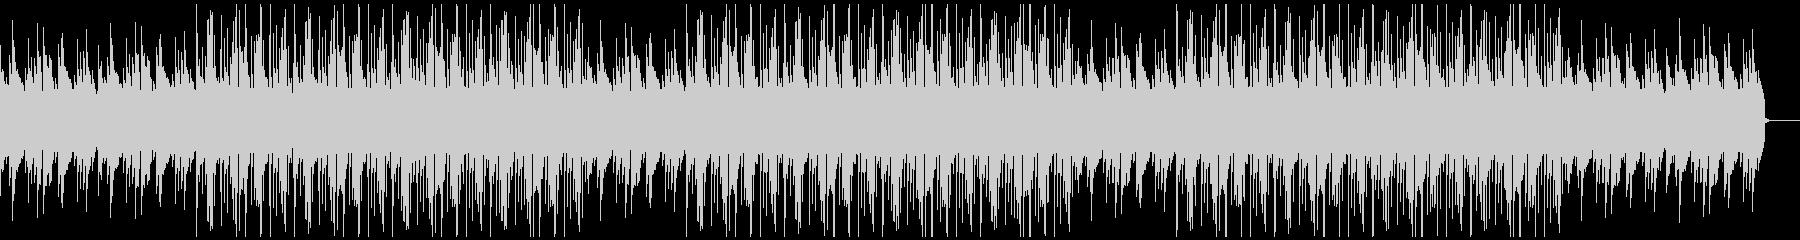 春・切ない・別れのピアノBGMの未再生の波形